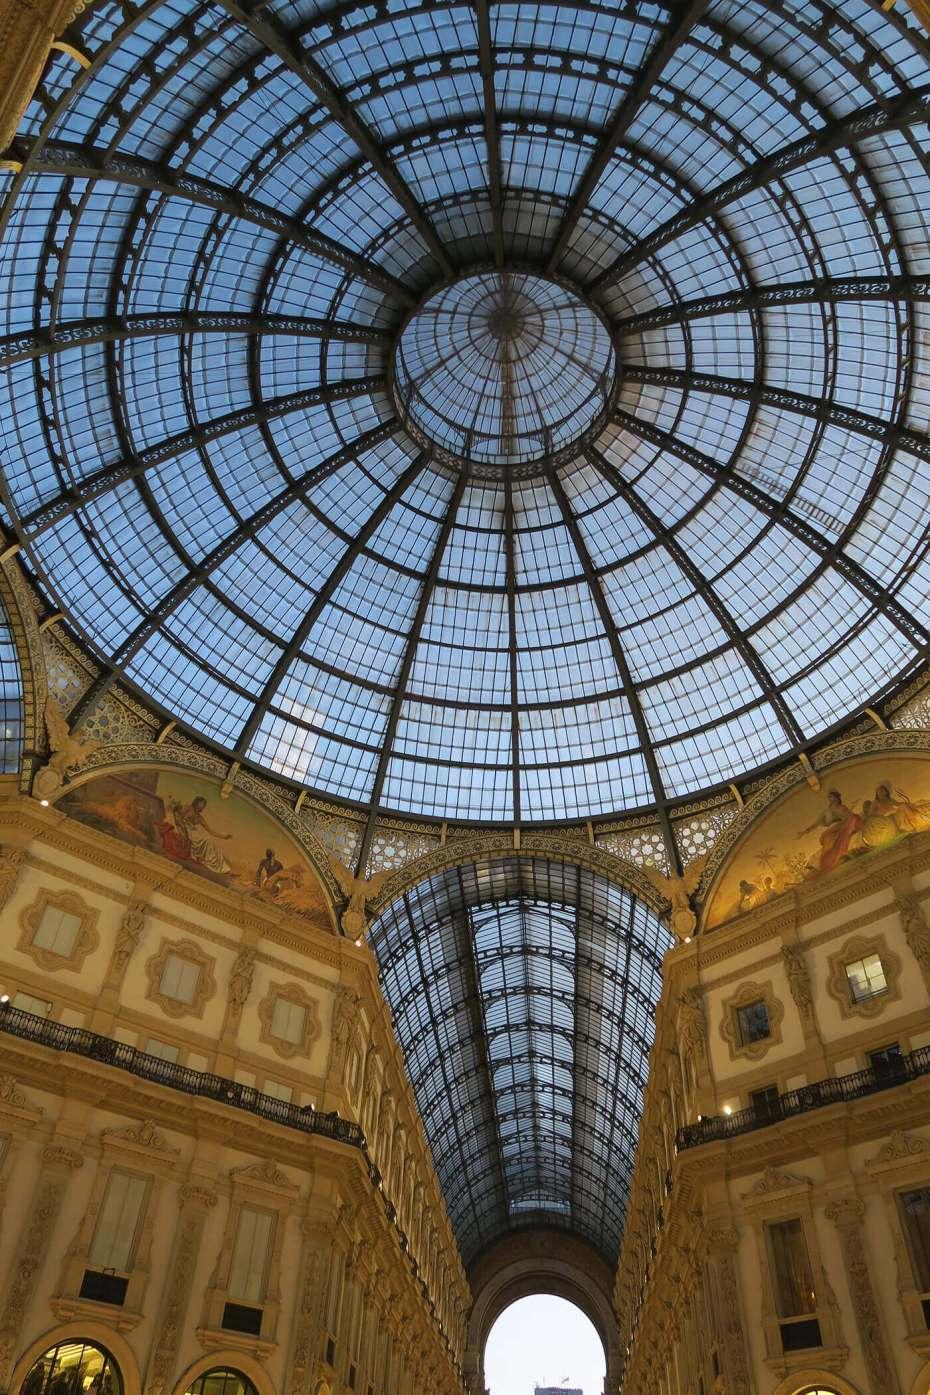 Cúpula de la Galleria Vittorio Emanuelle II en Milán, Italia